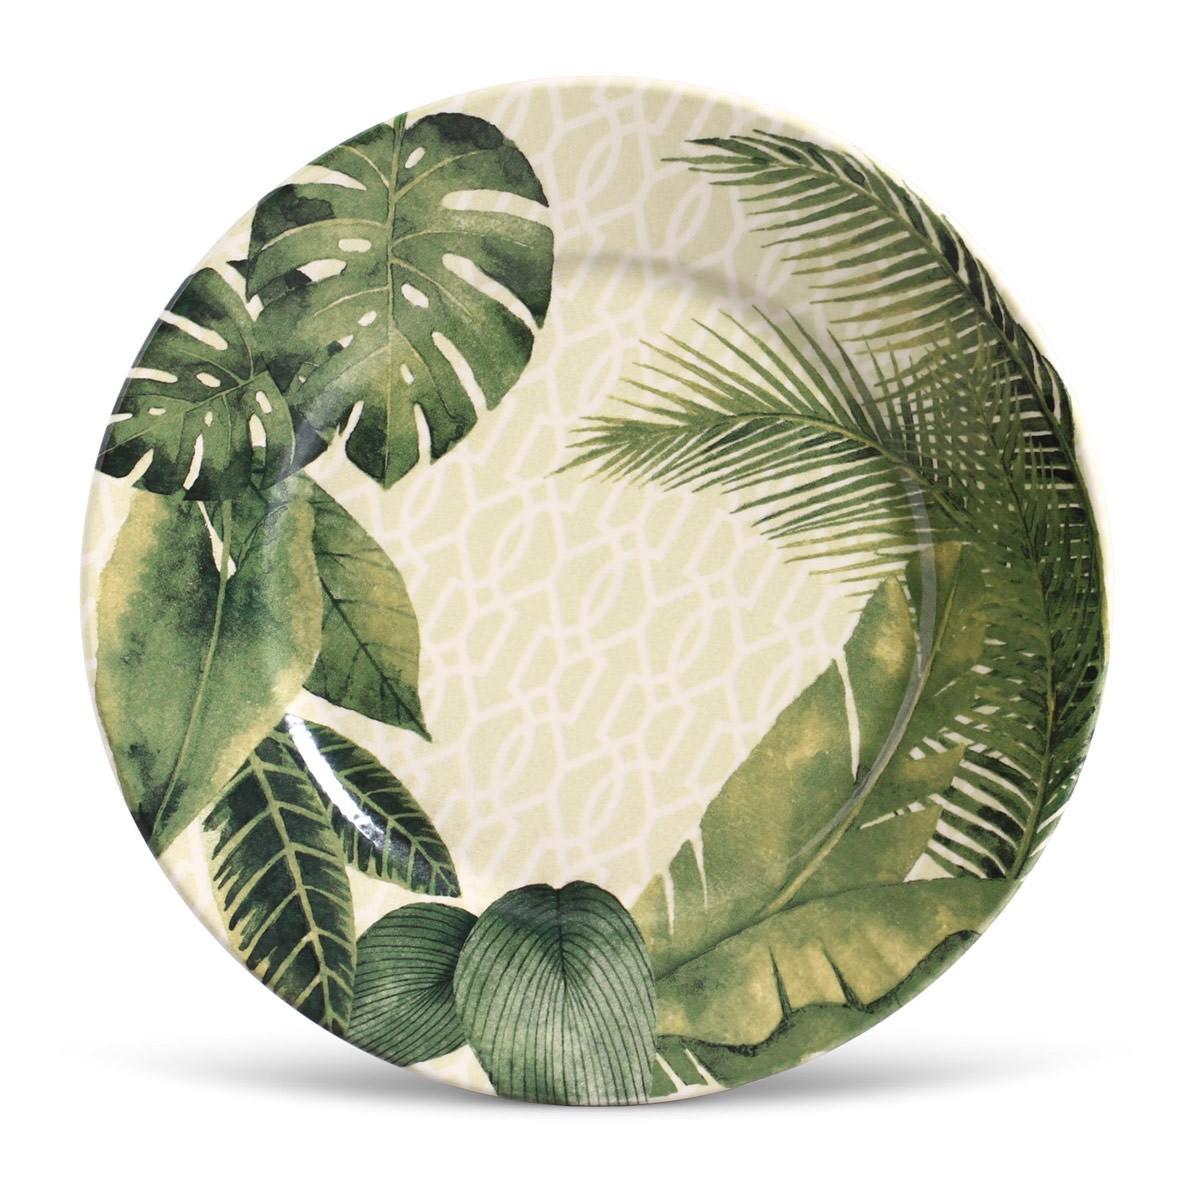 Prato Raso Travattura Redondo em Ceramica Verde - Porto Brasil